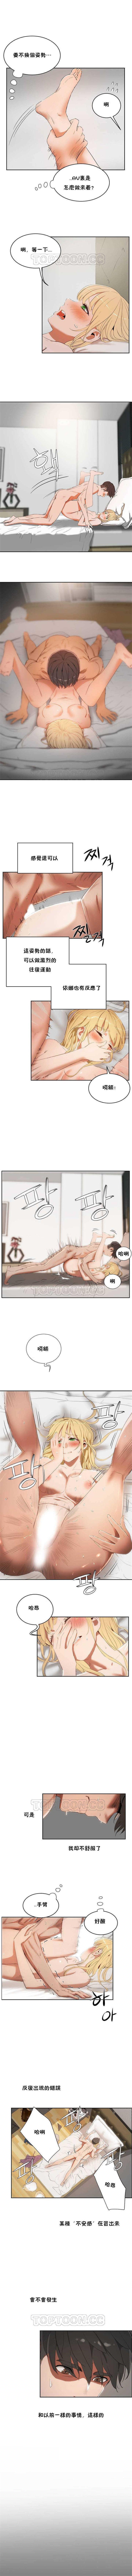 性教育 1-48.5 中文翻译(完結) 50